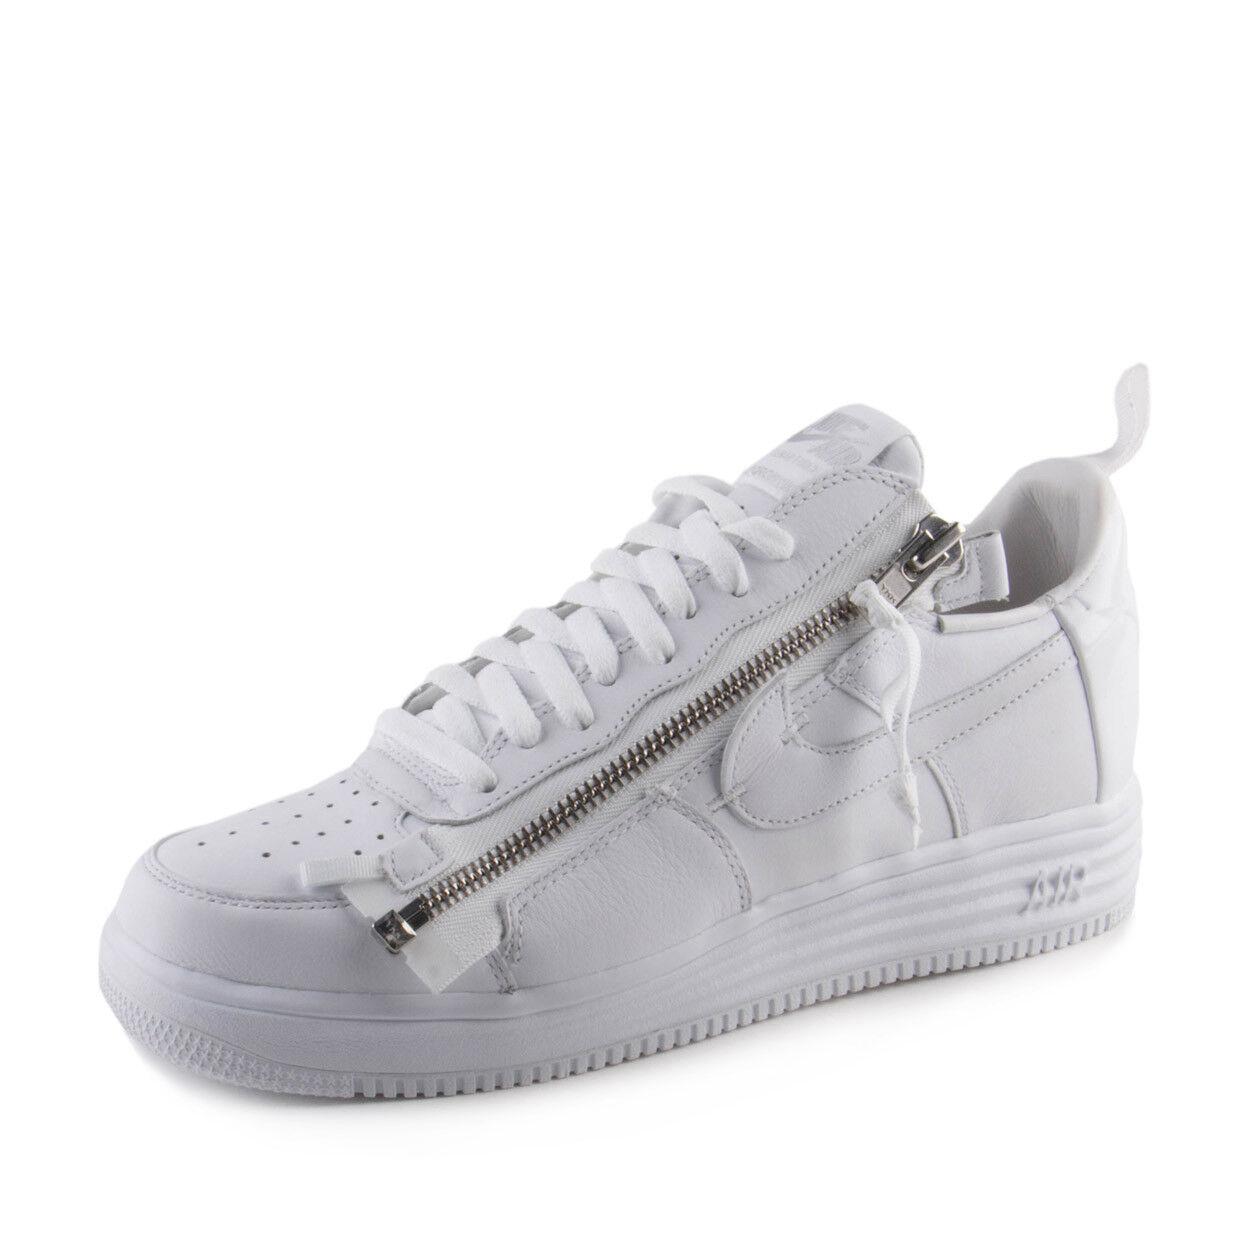 Nike Mens Lunar Force 1 Acronym '17 White AJ6247-100 AF100